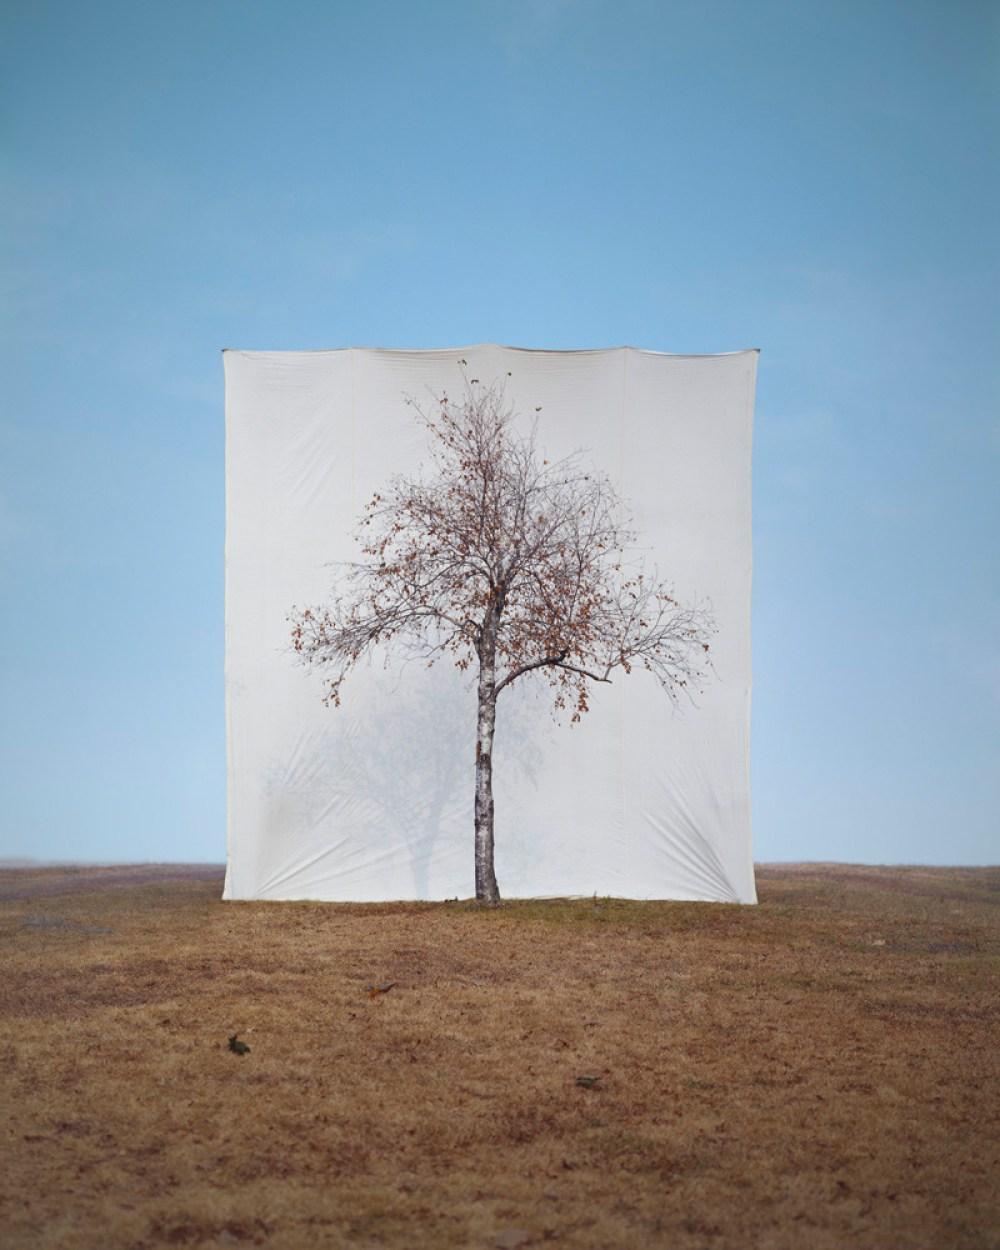 Framed trees in their habitat